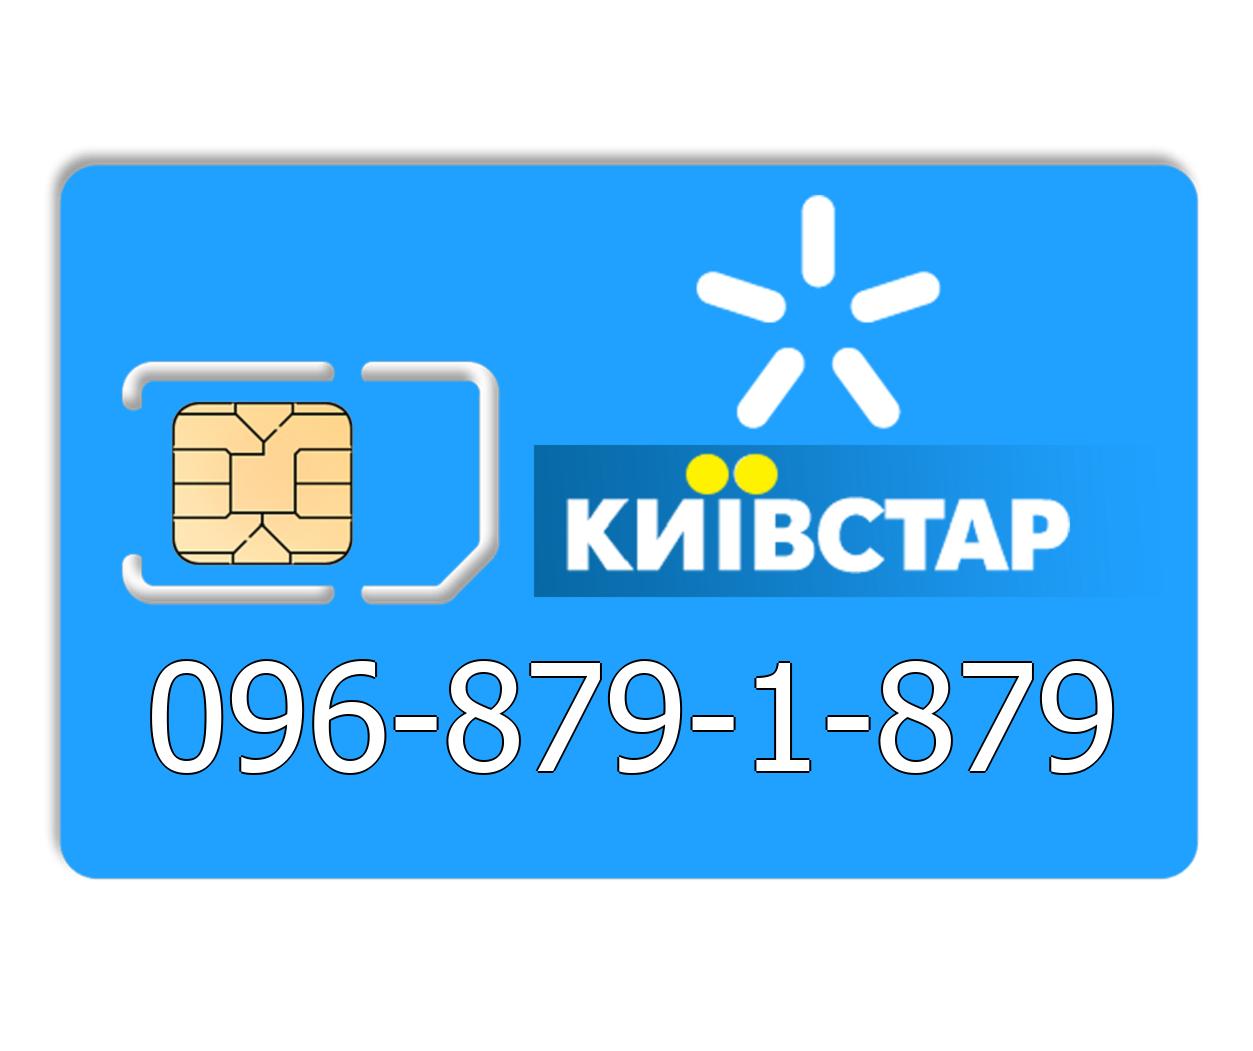 Красивый номер Киевстар 096-879-1-879